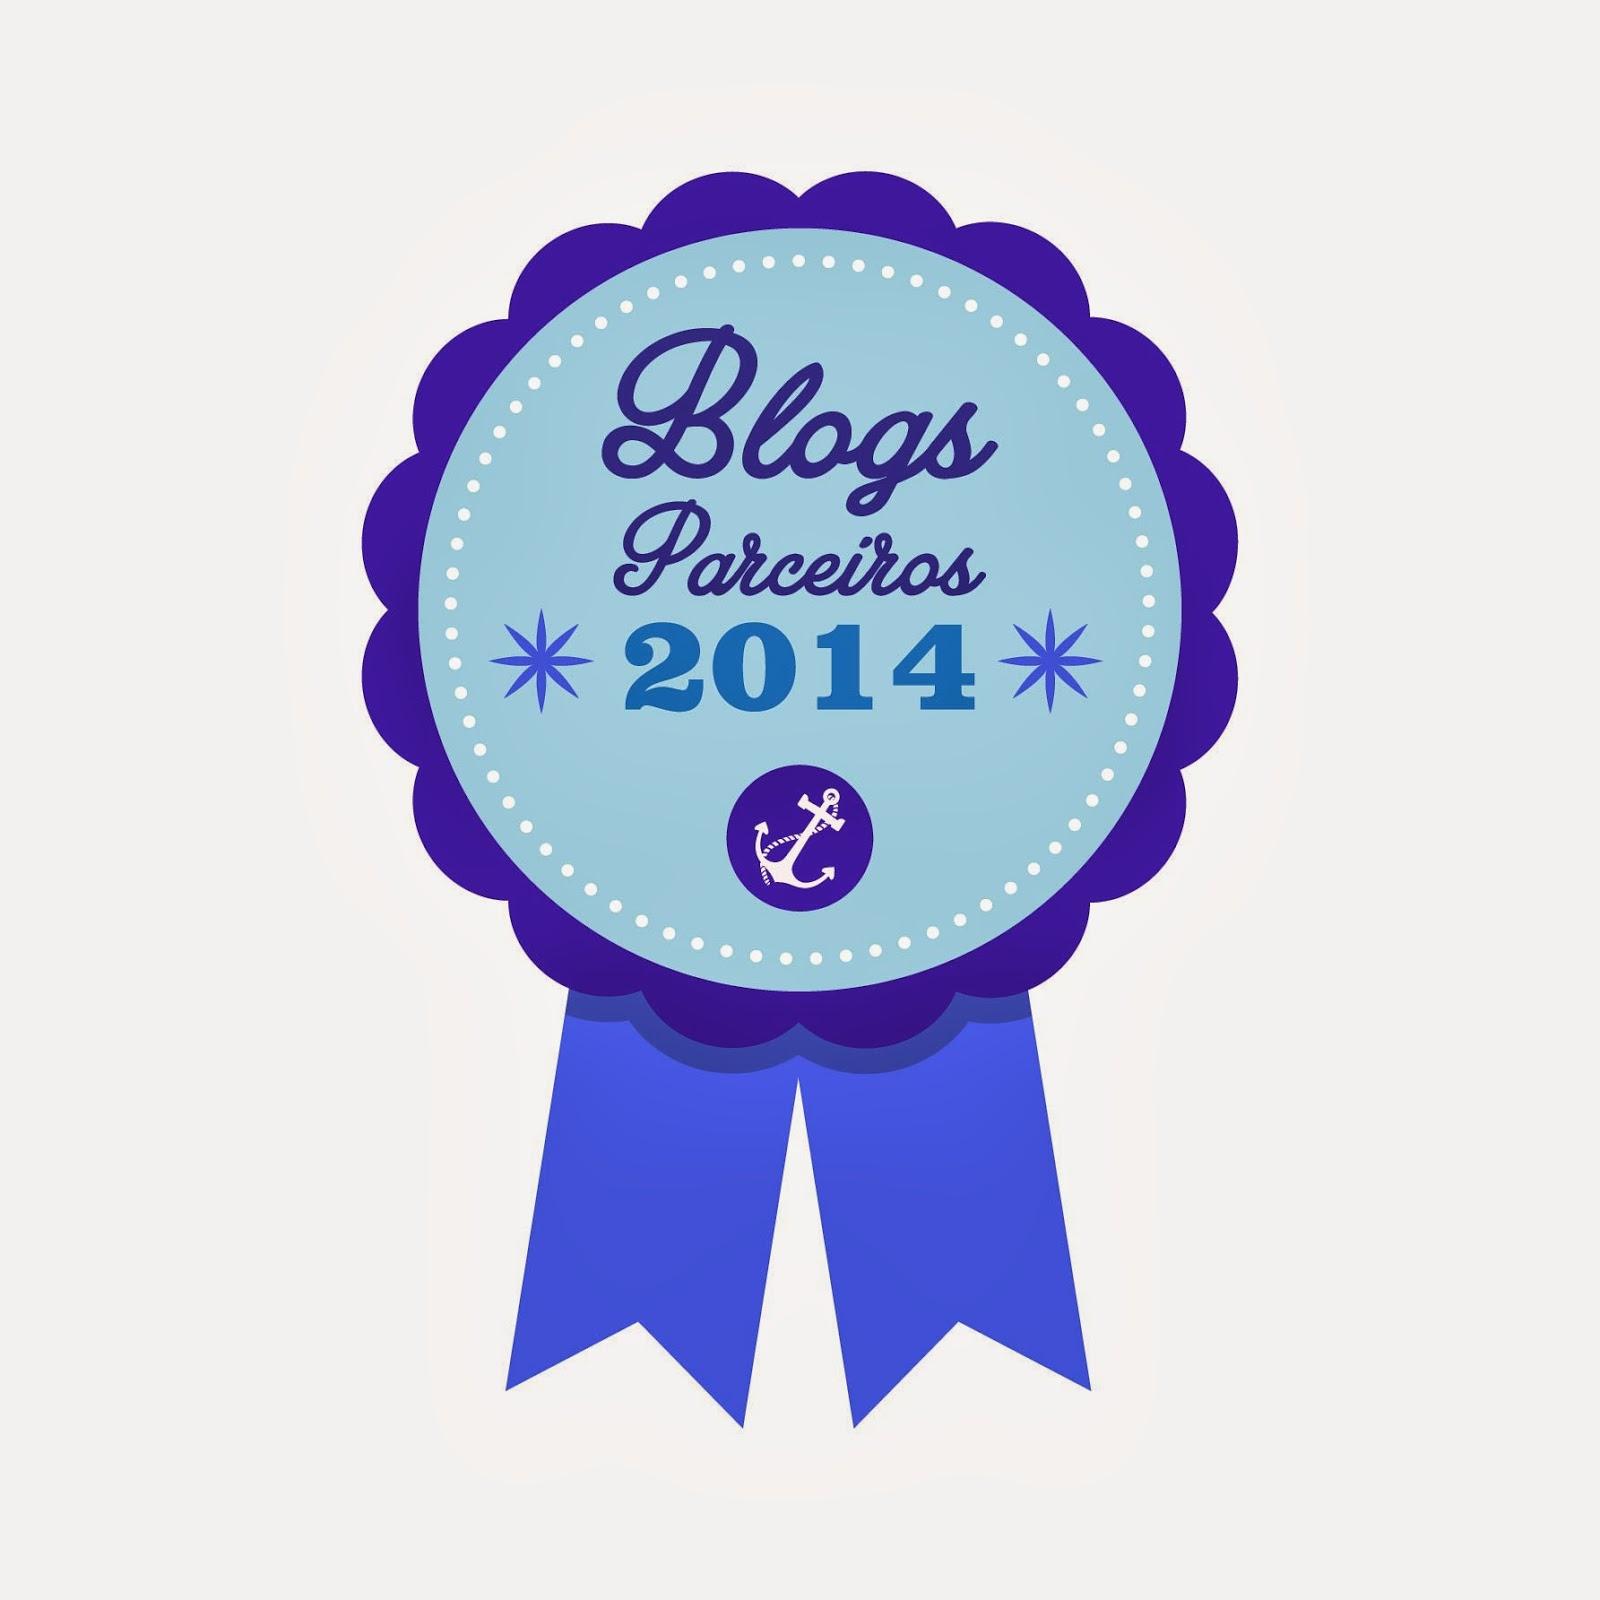 Clique e veja + 99 blogs parceiros.